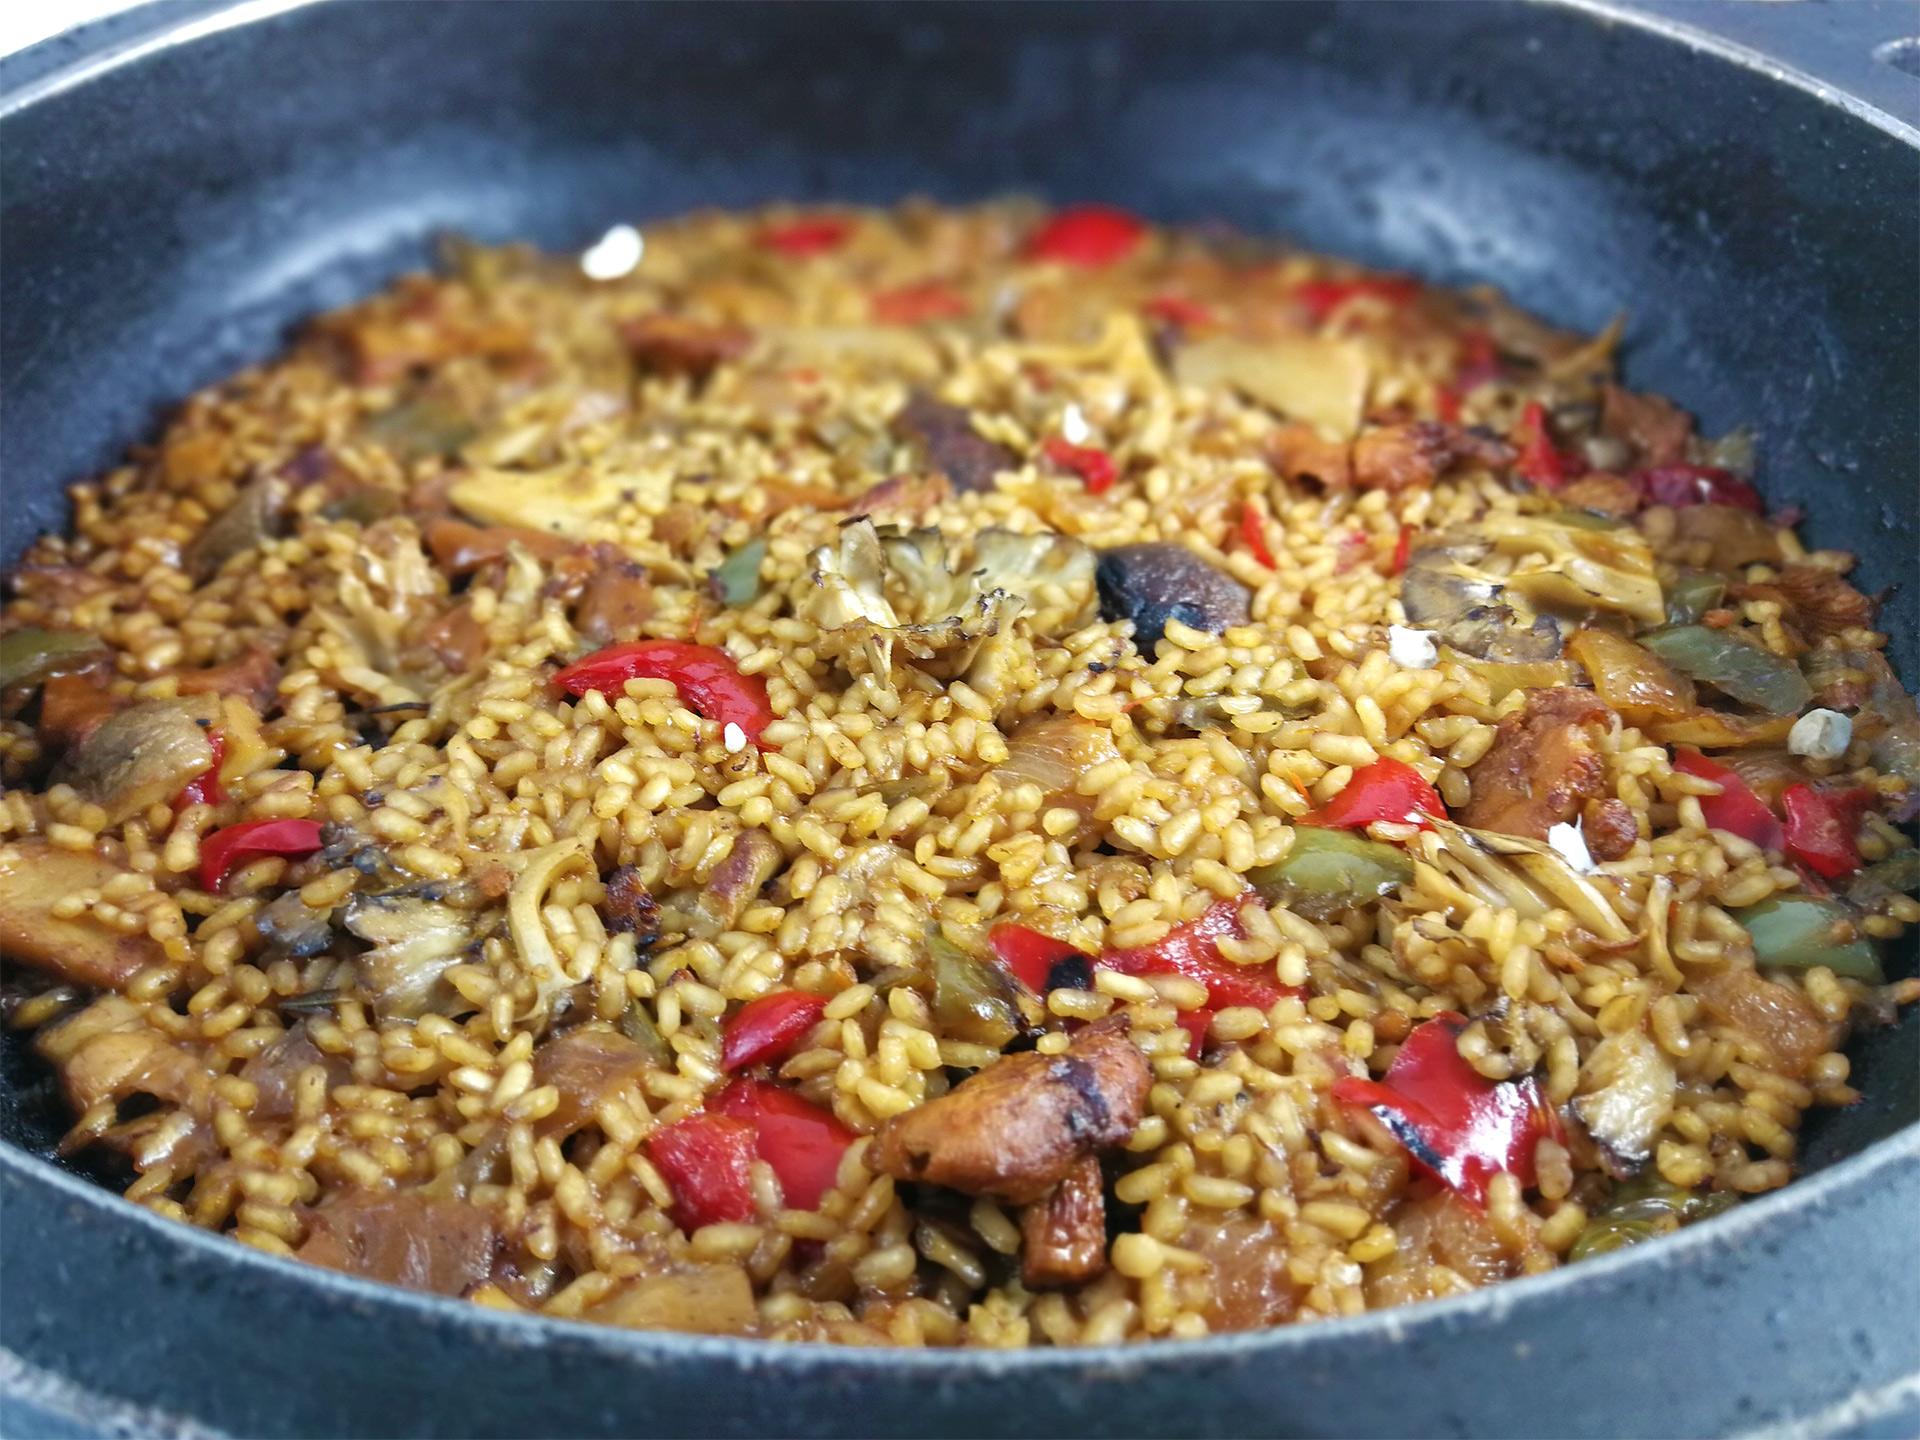 Restaurante braseria en La Roca Village - Les Tres Alzines - Cocina de temporada | Arroz con variado de setas